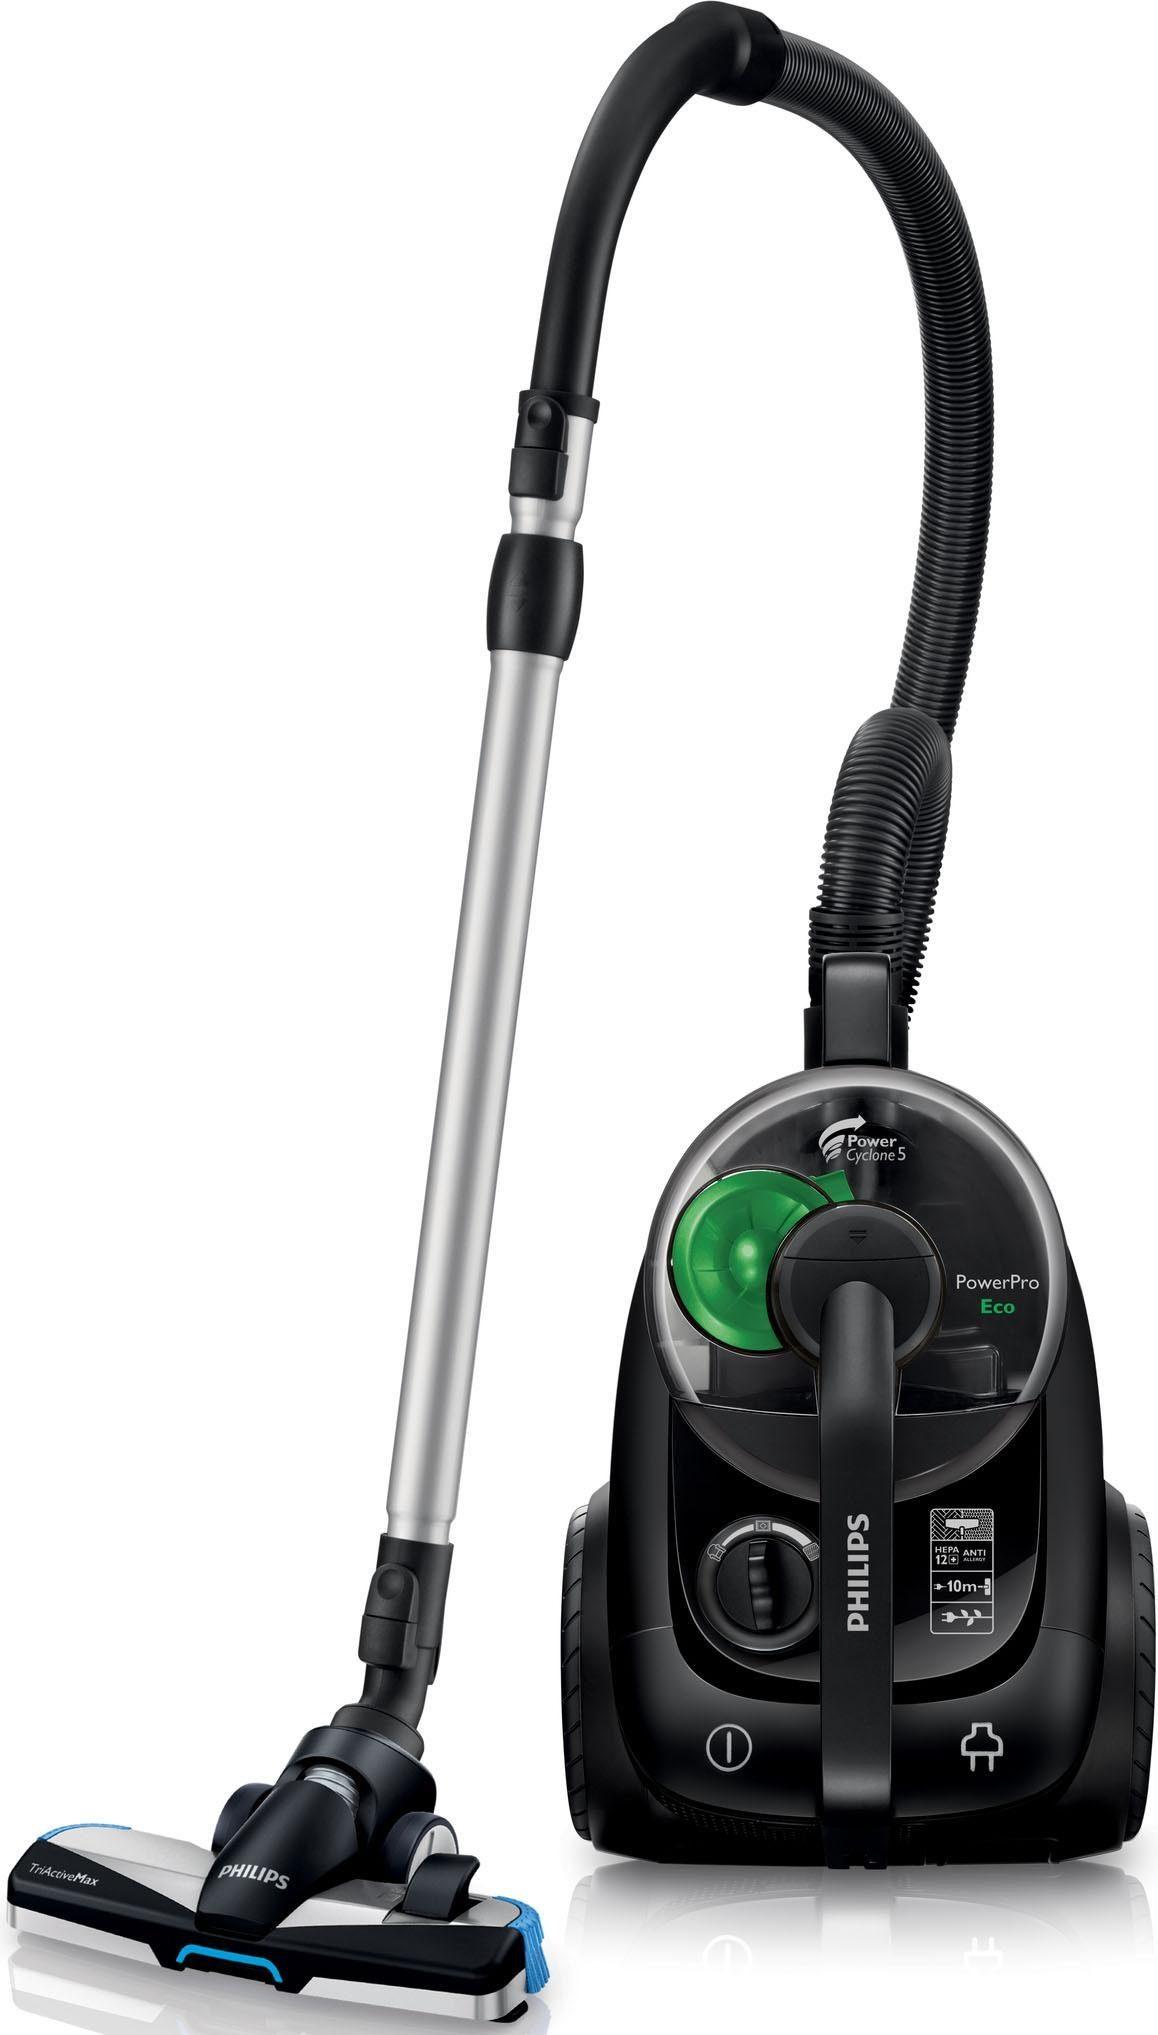 Philips Bodenstaubsauger FC8769/91 PowerPro Eco Version, 650 Watt, beutellos, ohne Beutel